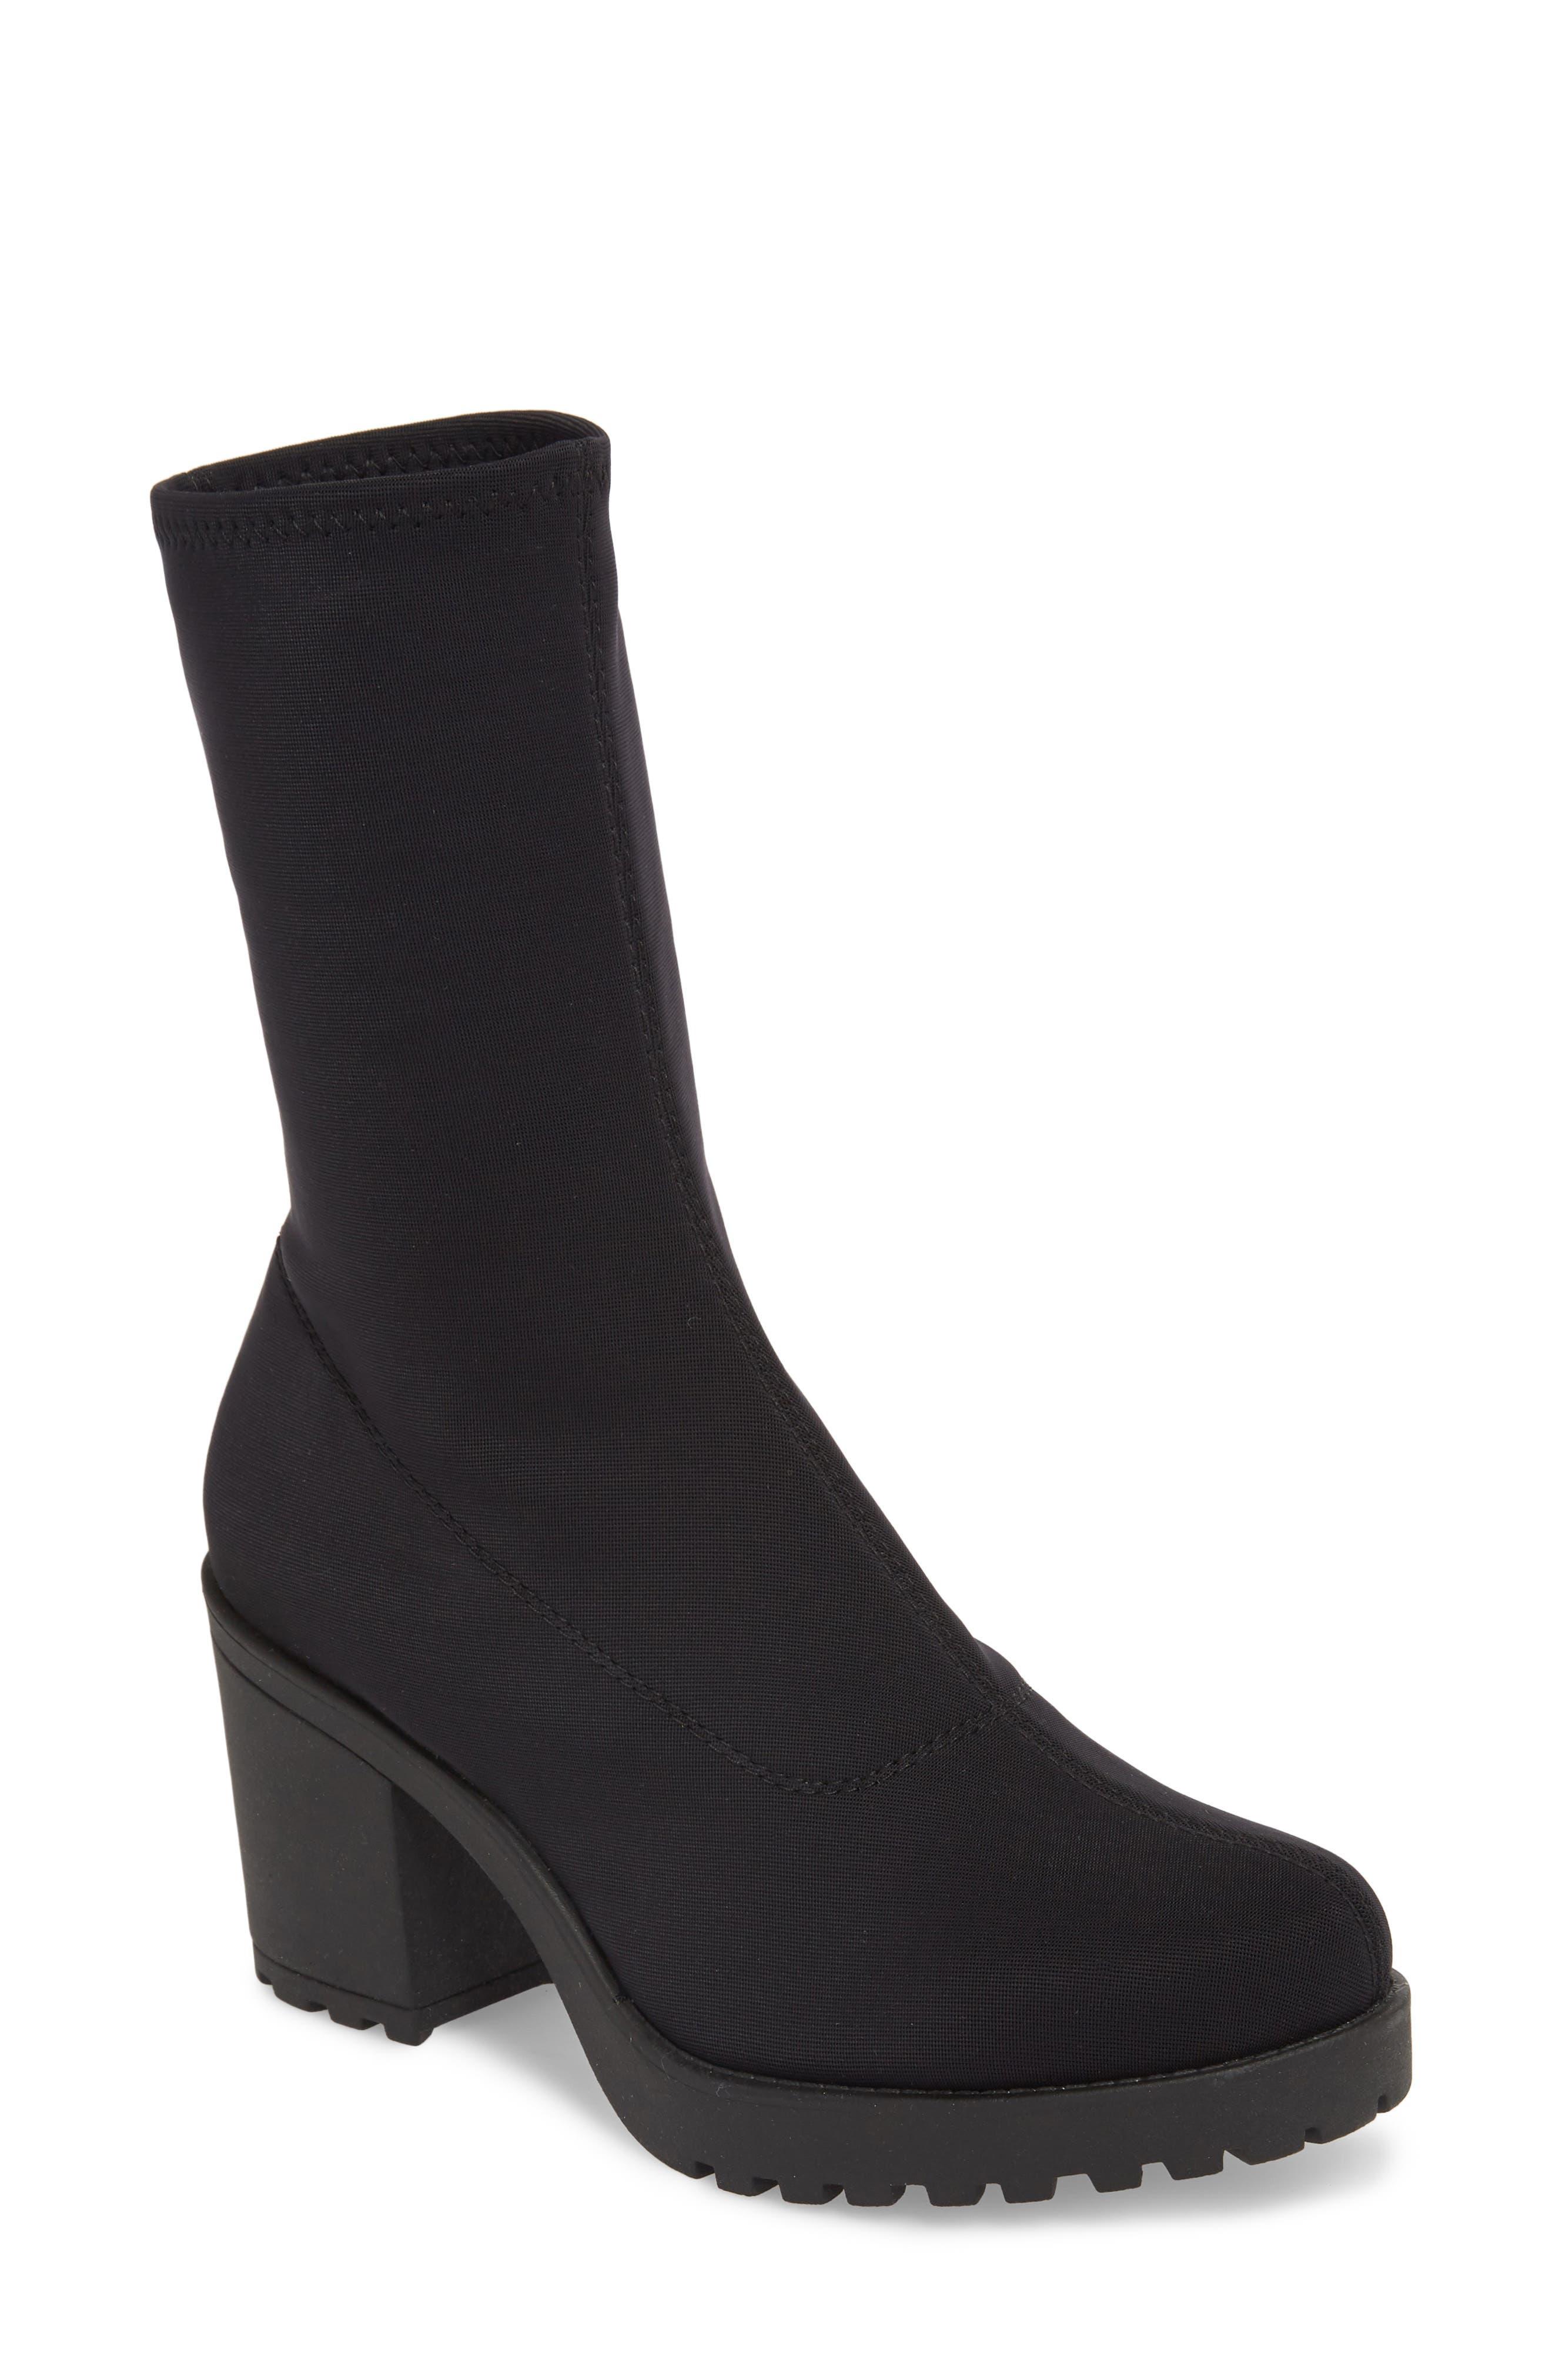 VAGABOND Shoemakers Grace Platform Bootie, Main, color, BLACK FABRIC